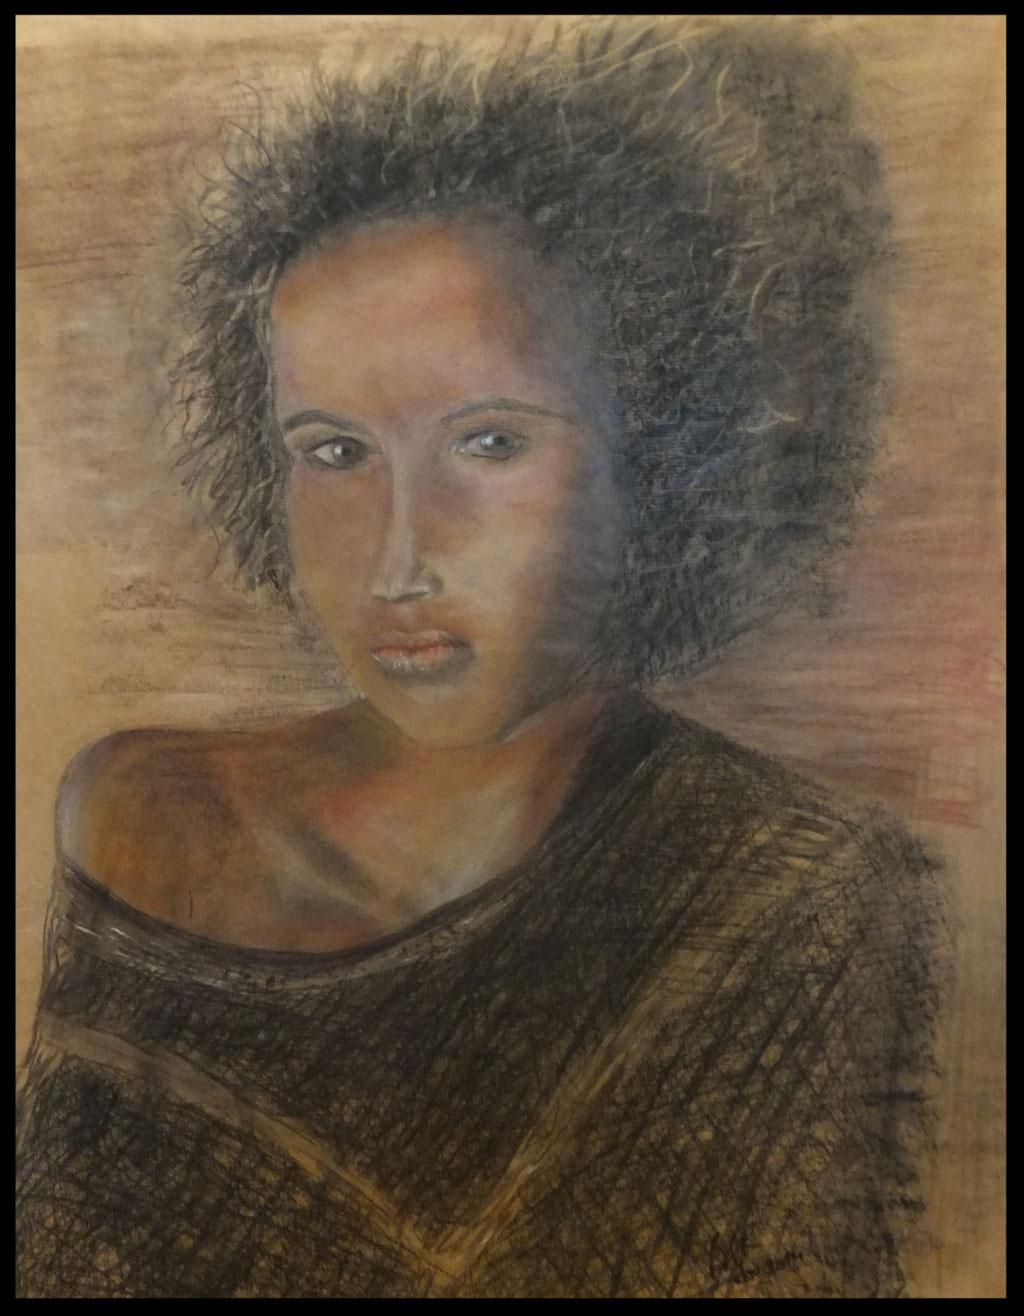 Fusain , crayon, pastel craie  sur papier  kraft 58 x  75 cm  par B C Ruiz d'après photo . Encadré. 100€